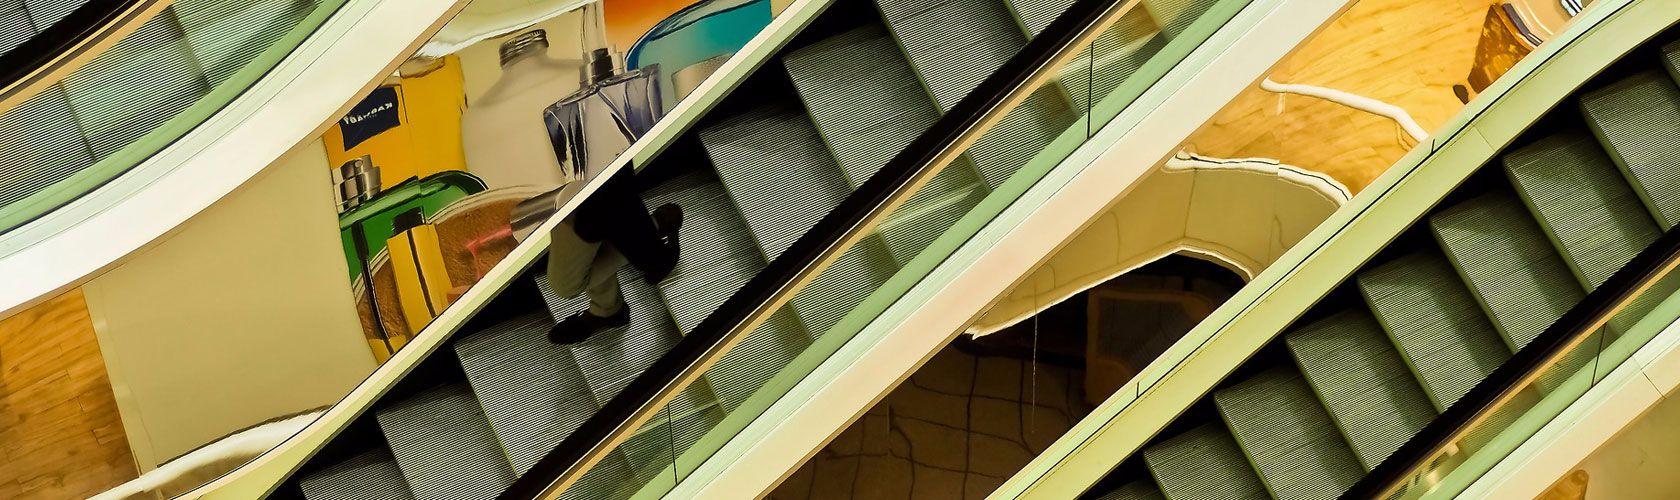 Kaufhausdetektiv Einzelhandelsdetektiv Hannover